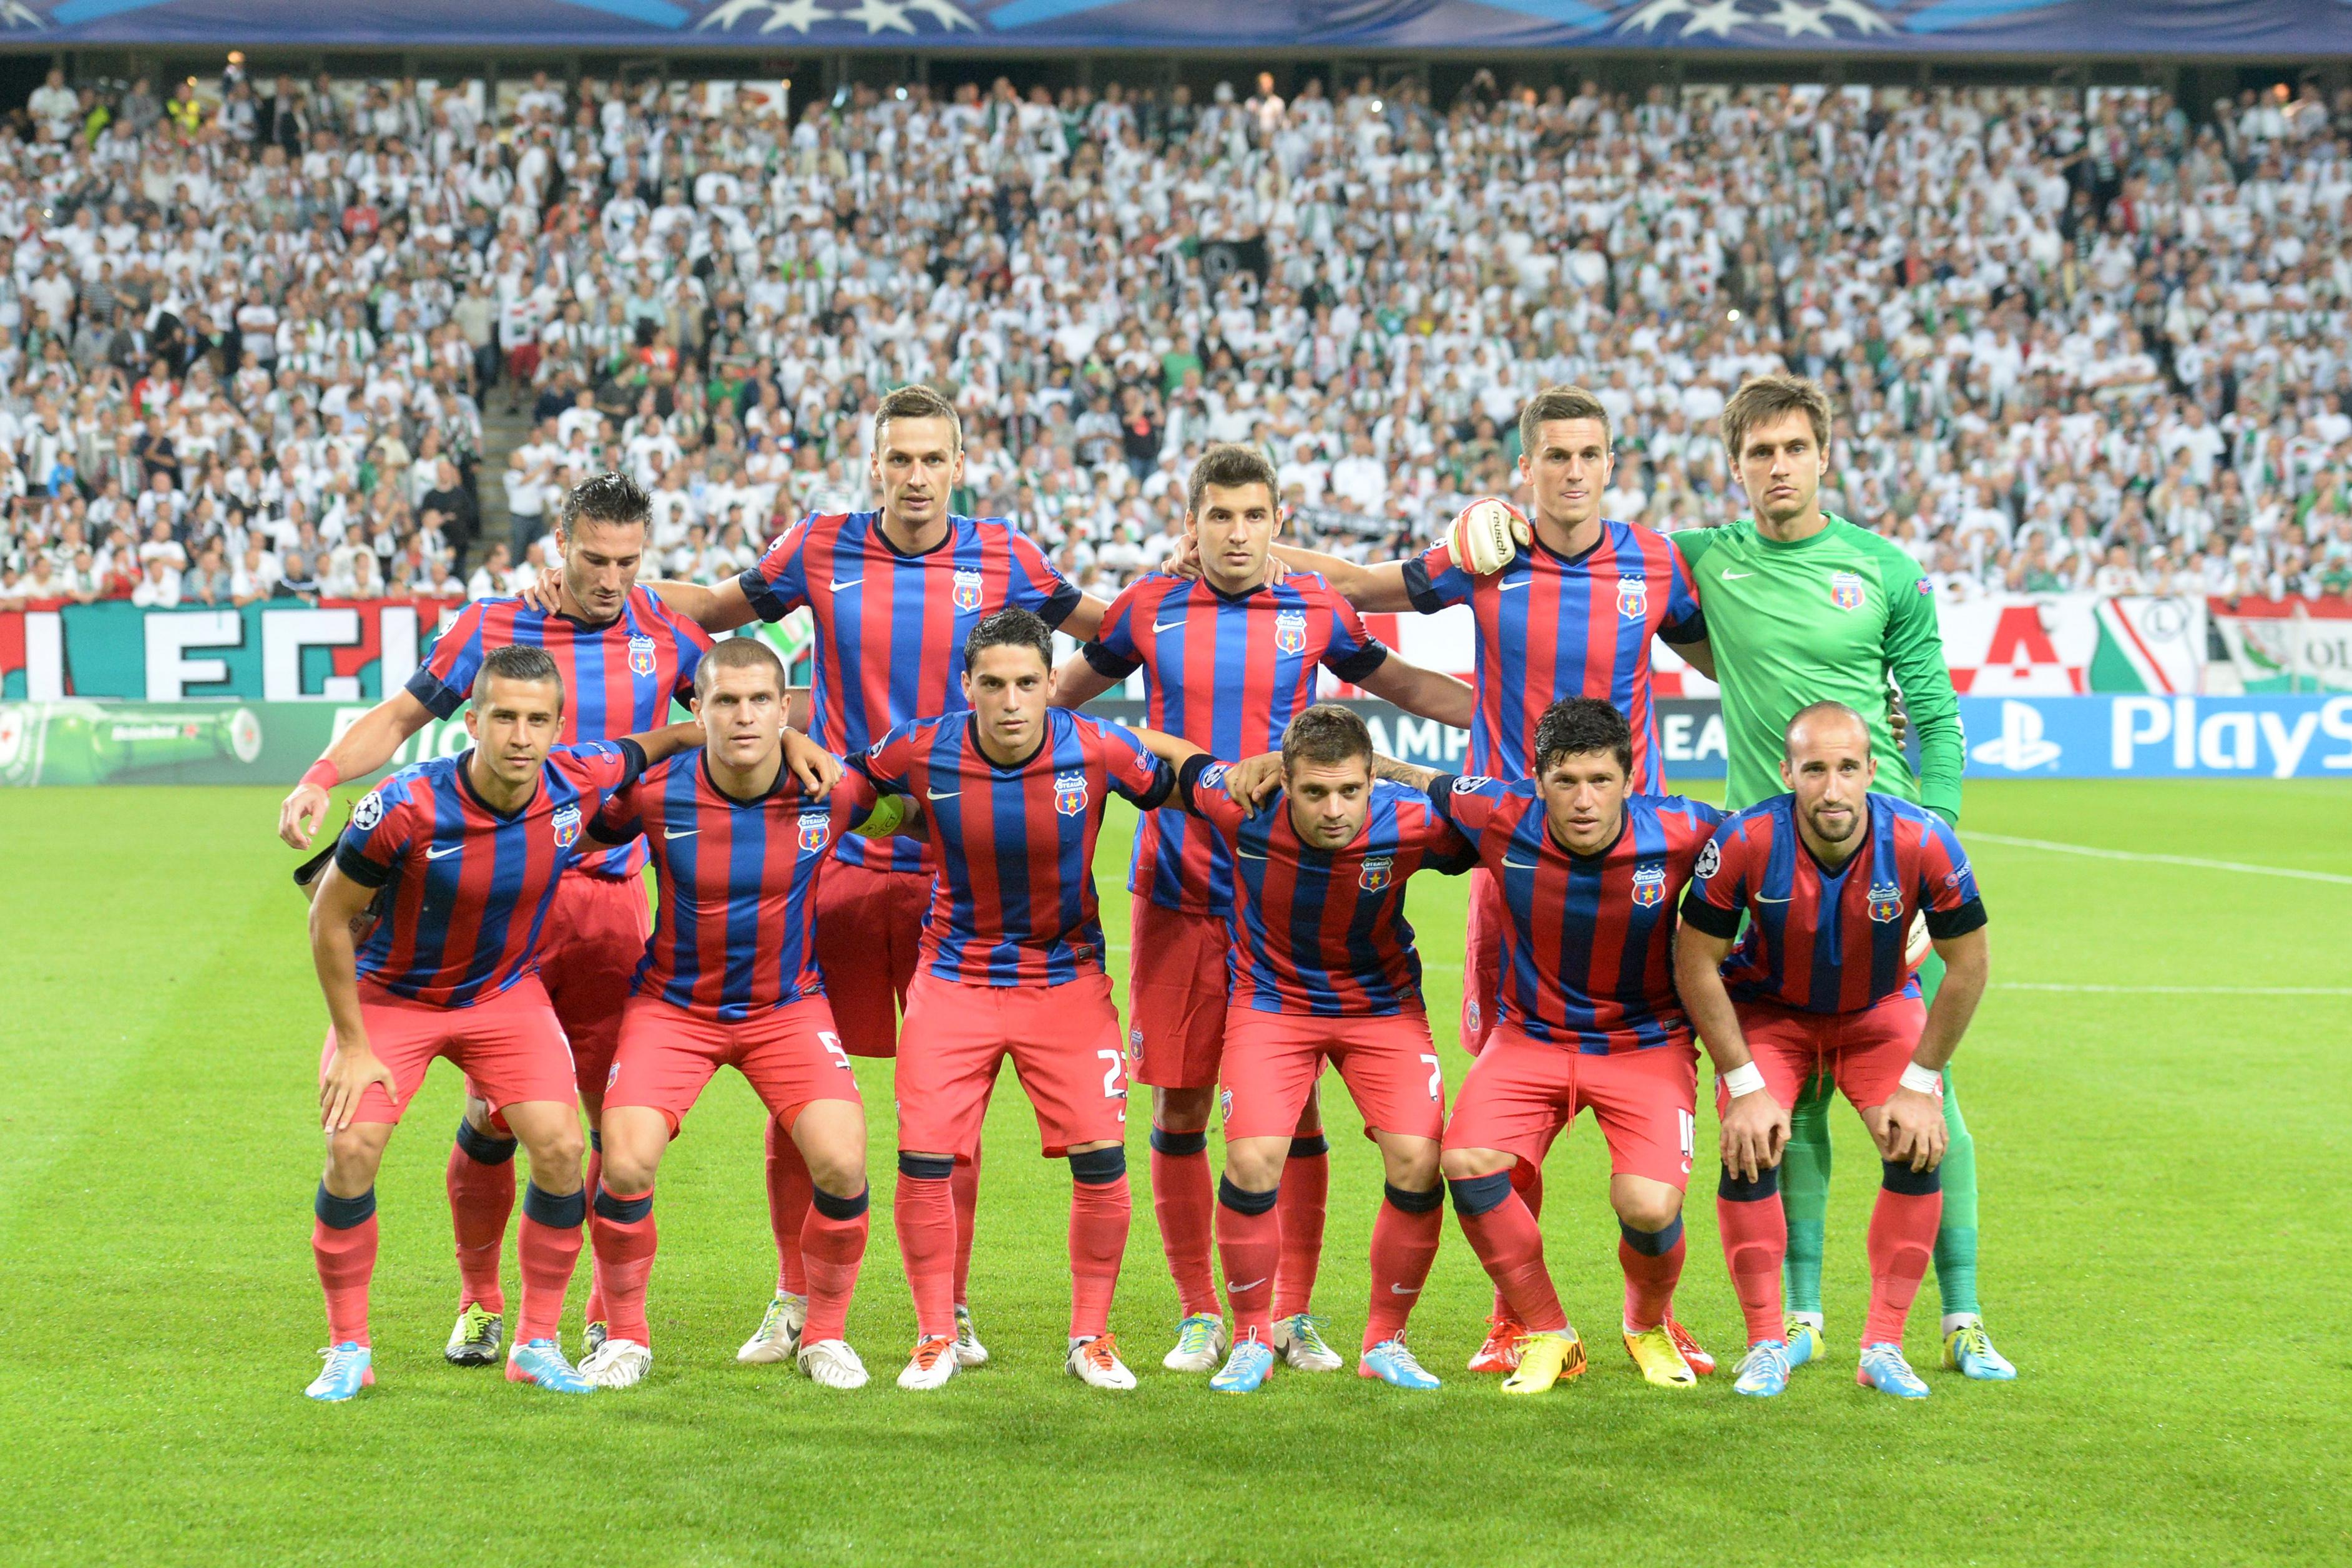 Steaua, sanctionata cu 10.000 de lei de LPF pentru incidentele de la meciul cu Timisoara